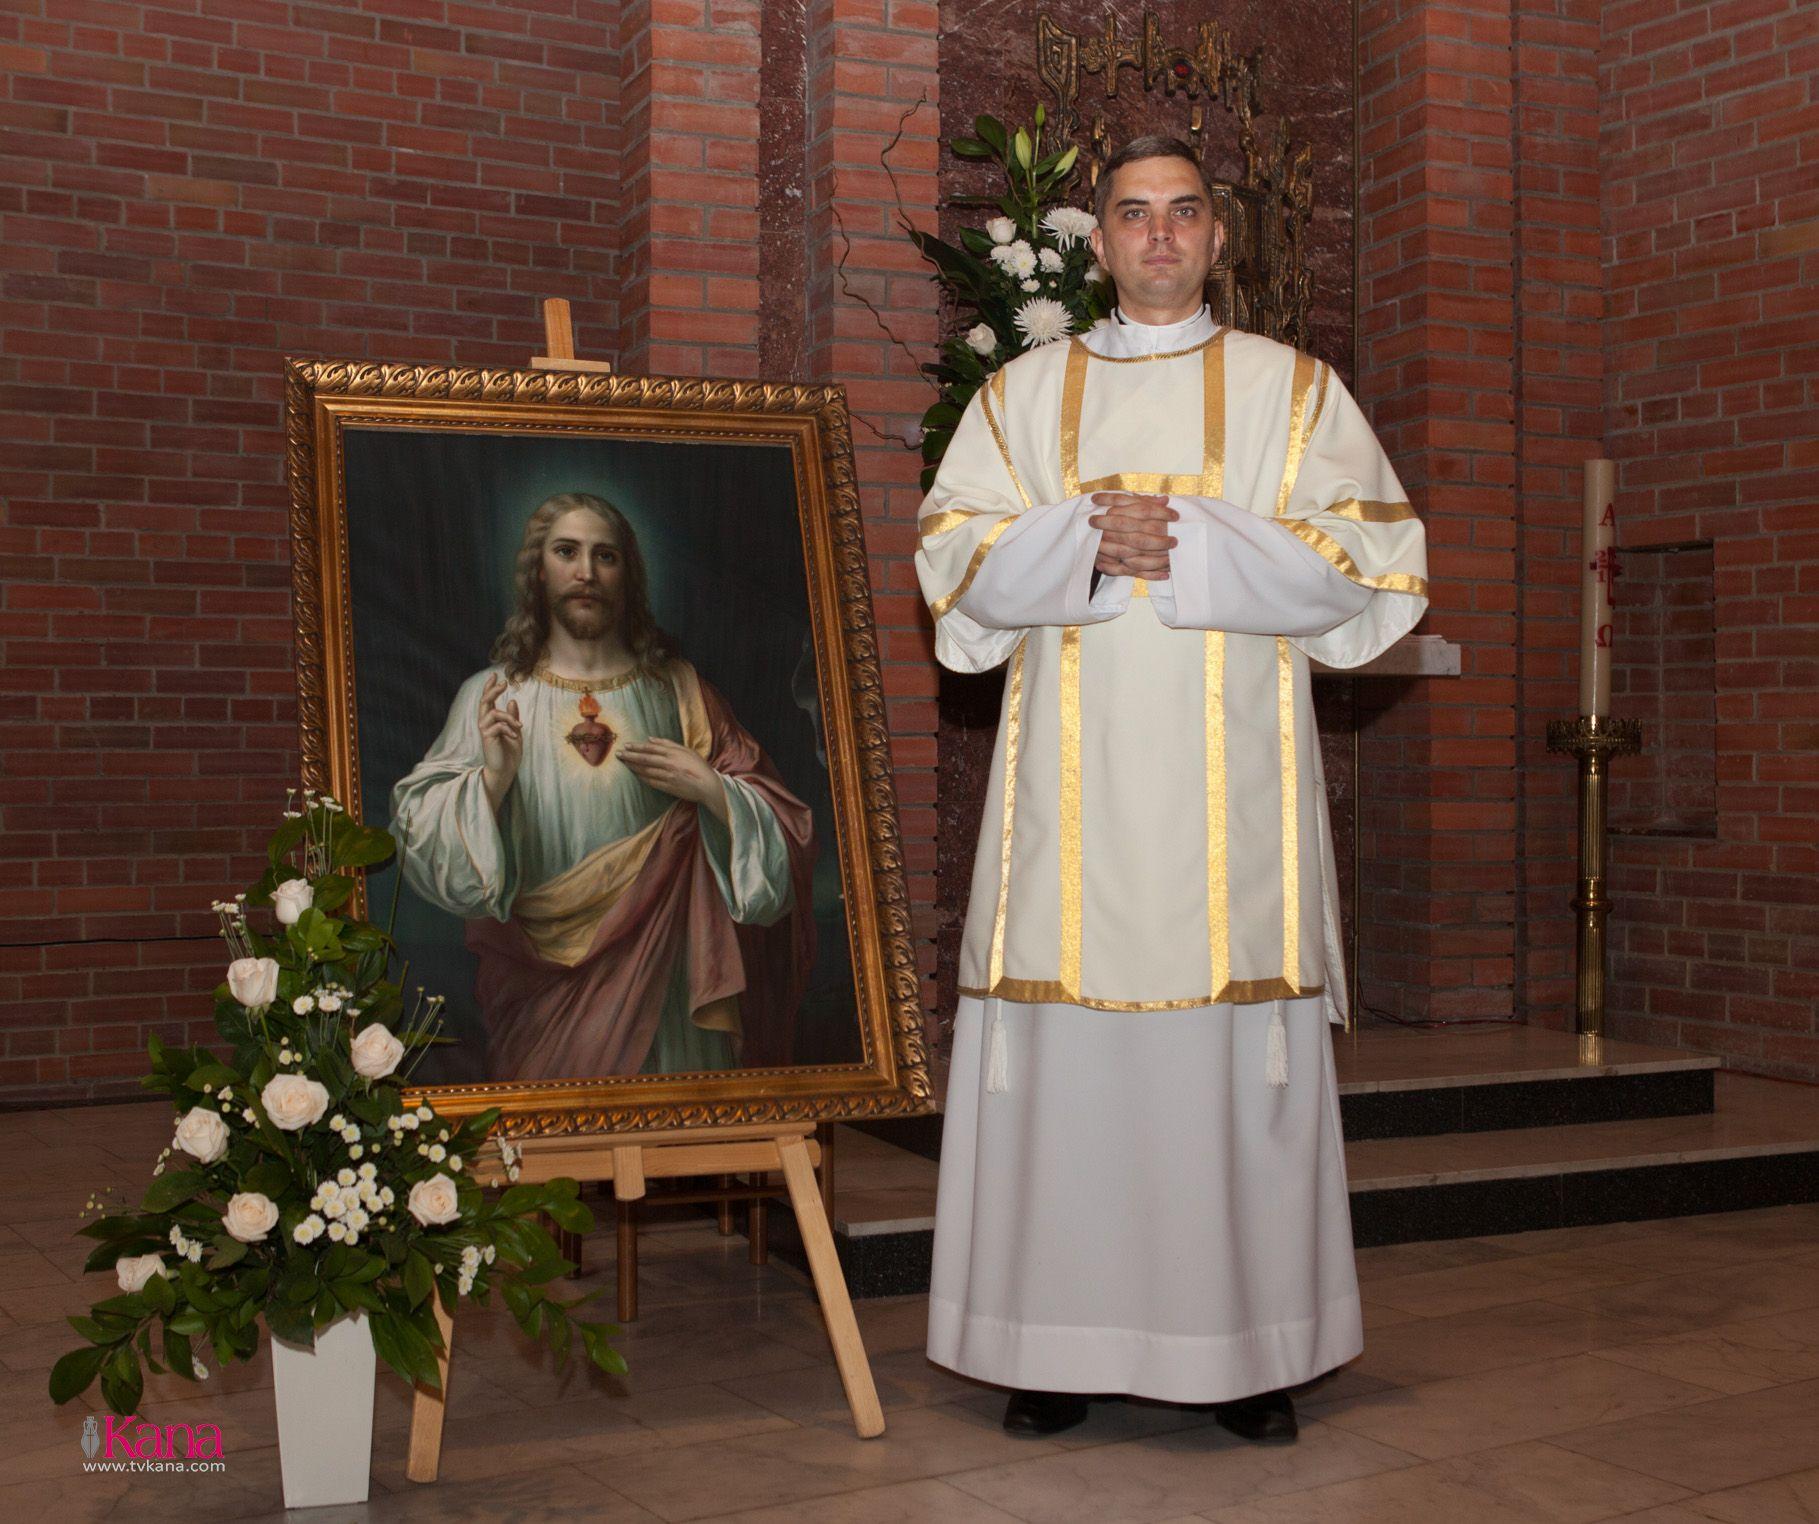 икона св луки в католической церкви фото последнее время этот